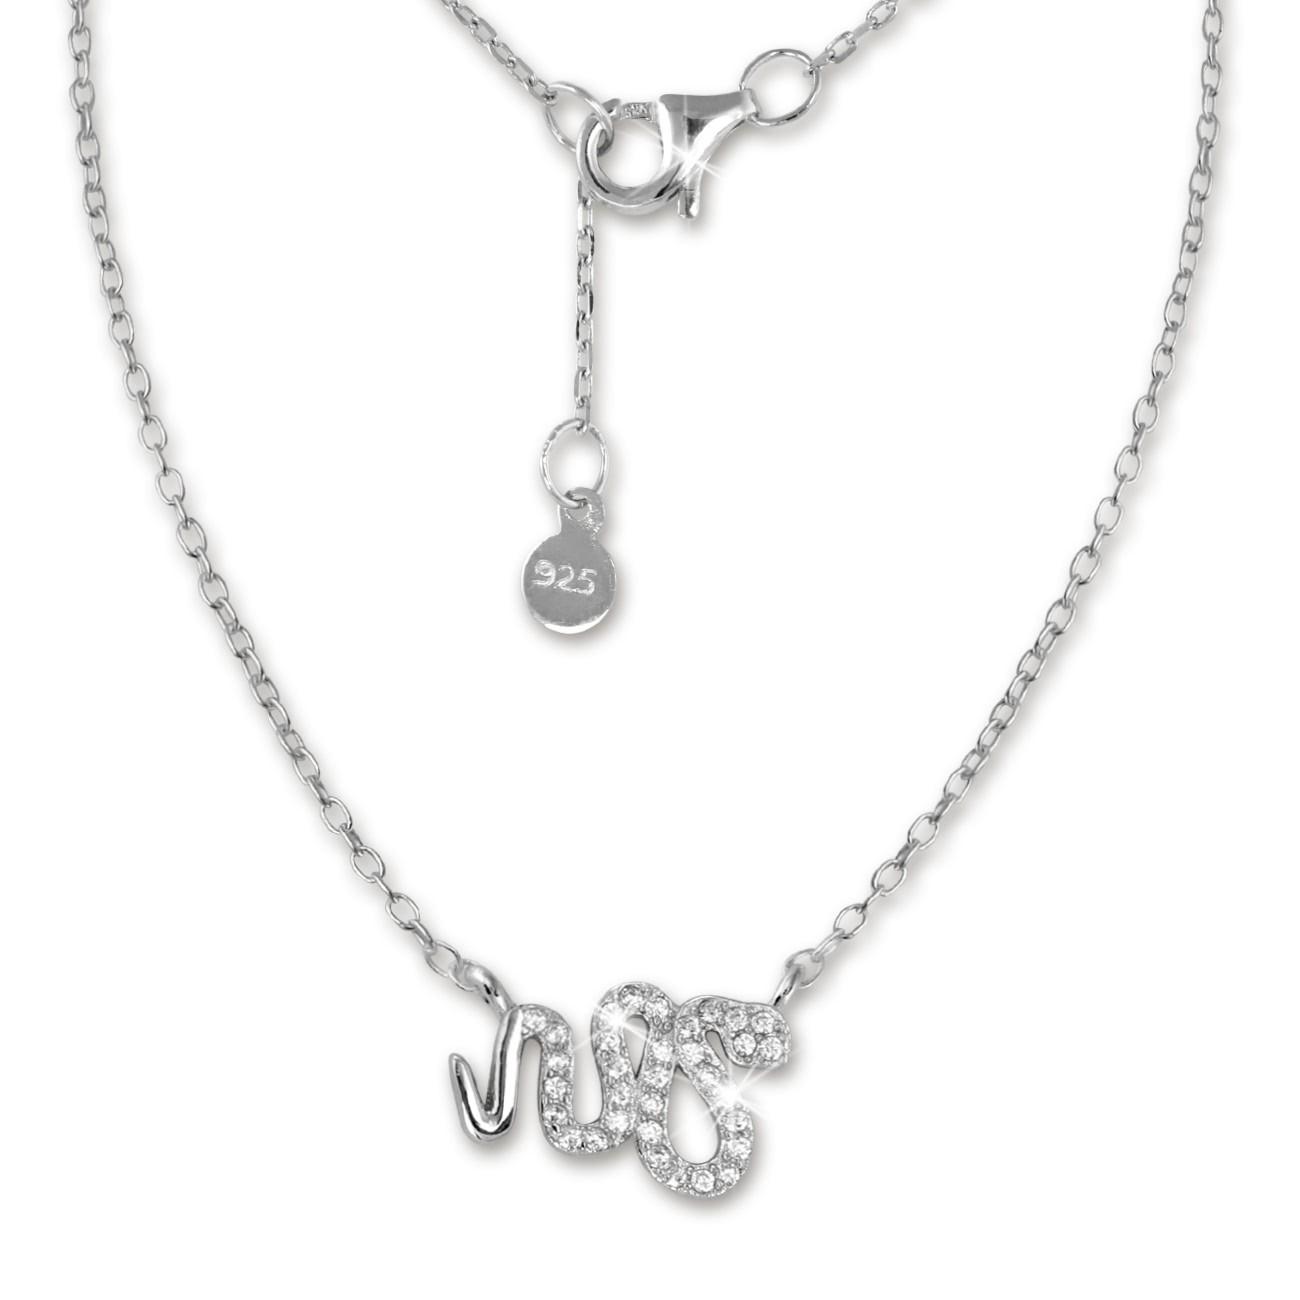 SilberDream Kette Schlange Zirkonia weiß 925er Silber 41-44cm Halskette GSK400W